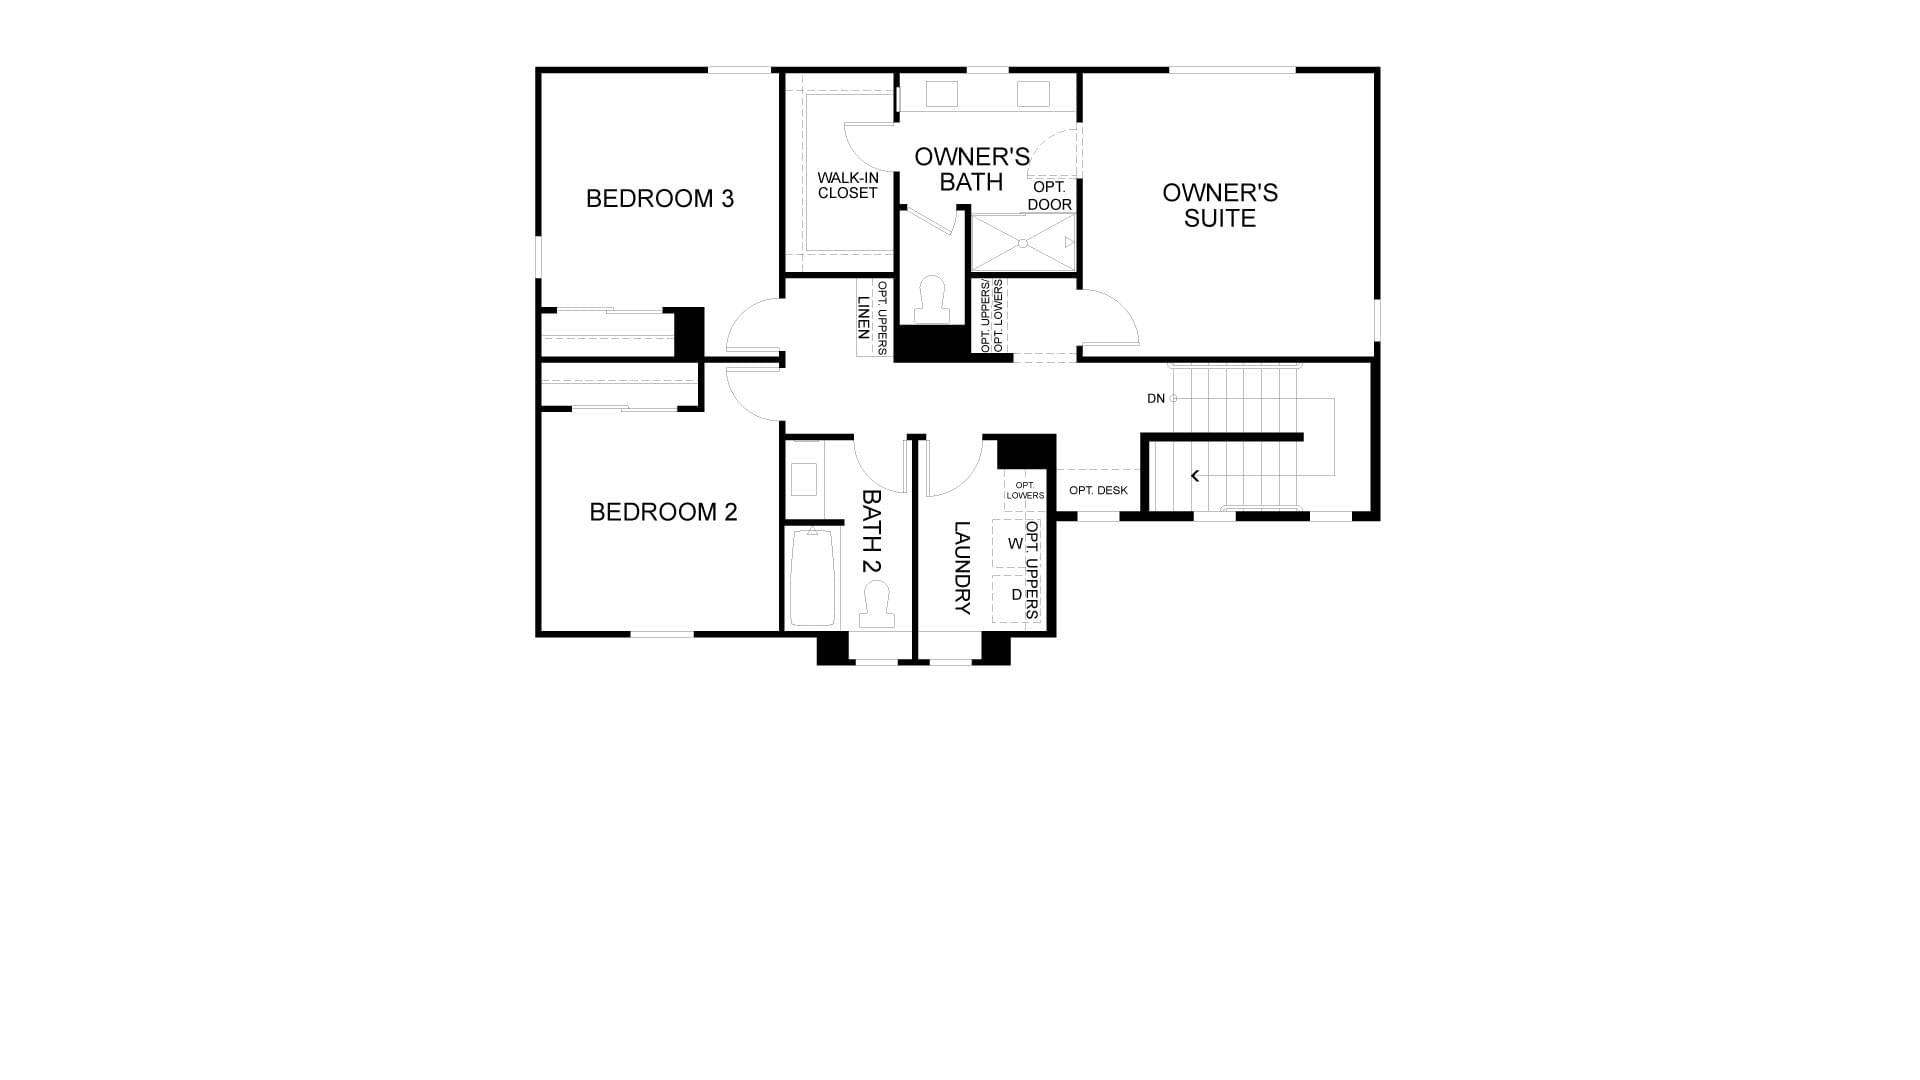 Second Floor. Antioch, CA New Home